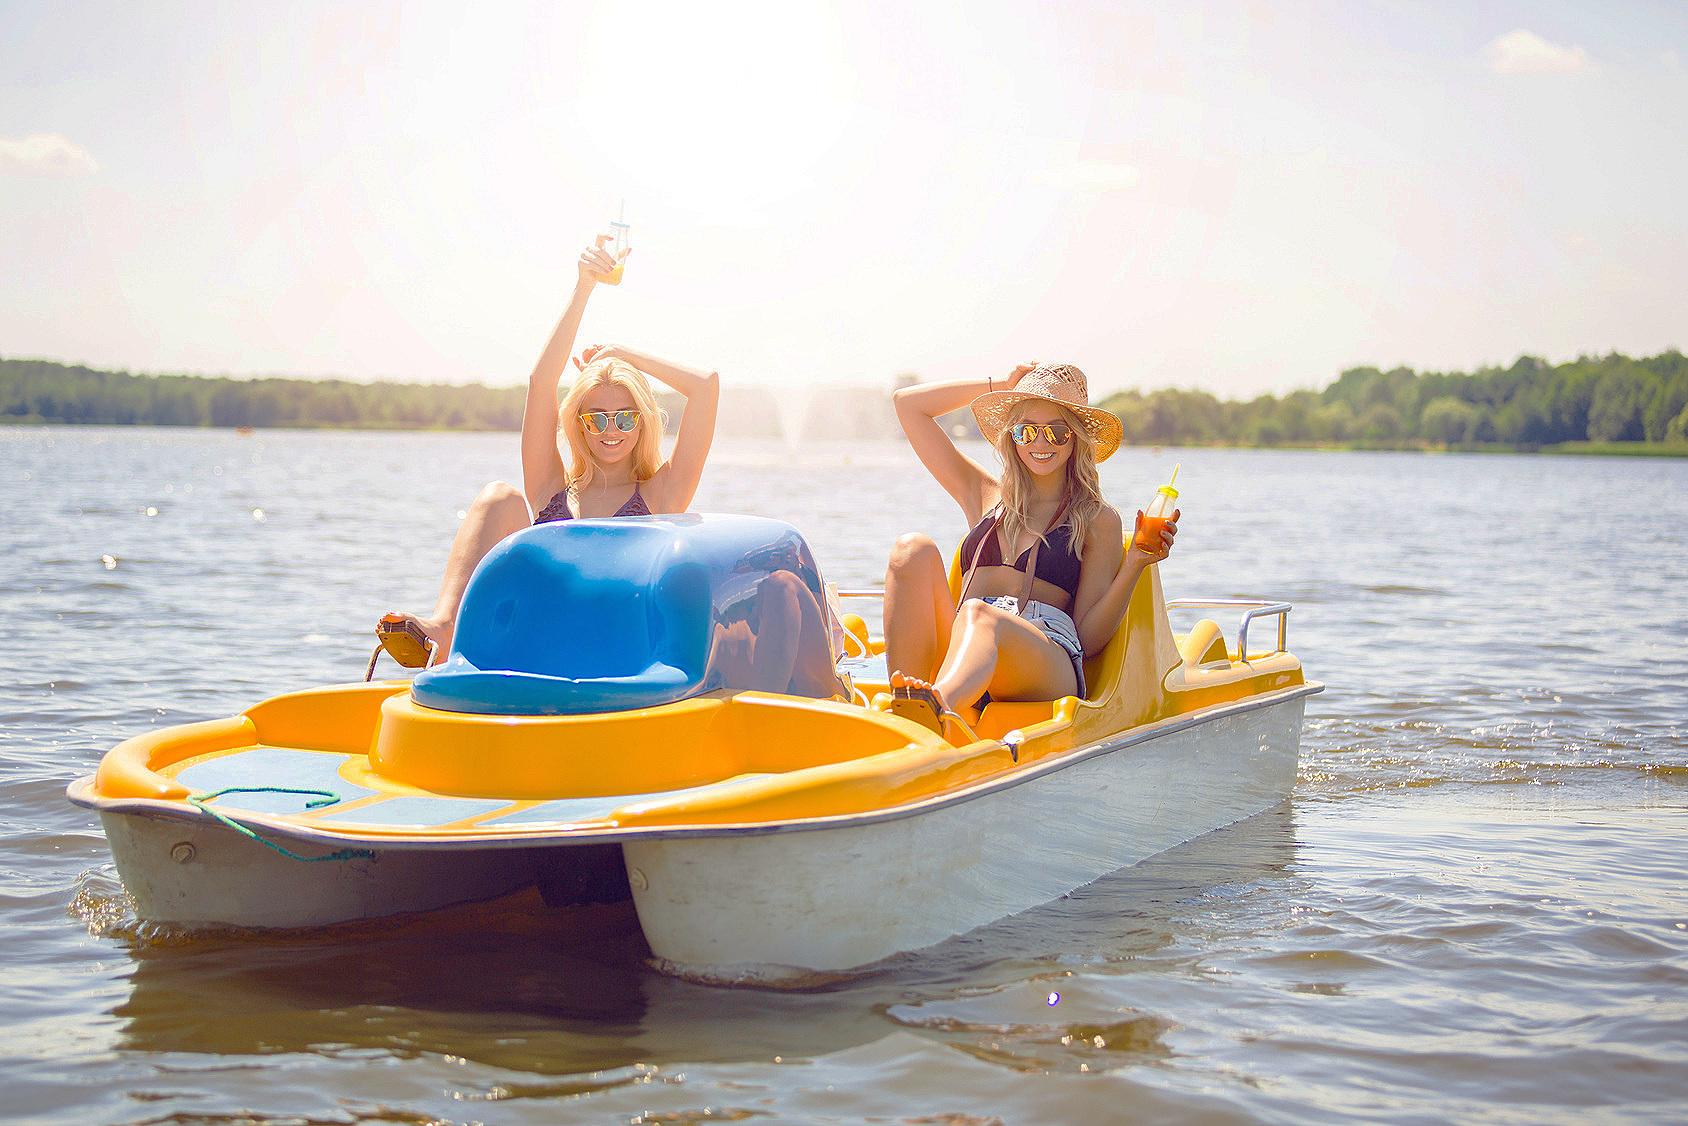 Öffnungszeiten Bootsverleih - Die Vermietung erfolgt:Dienstag/Freitag ab 13:00 UhrSamstag, Sonntag, Feiertag ab 10:00 UhrBis 1 Stunde vor SonnenuntergangMittwoch Ruhetag Nach den Sommerferien Montag und Donnerstag nur nach Absprache für GruppenWährend der Schulferien in NRW haben wir täglich von 12.00 - 22.00 Uhr geöffnet.